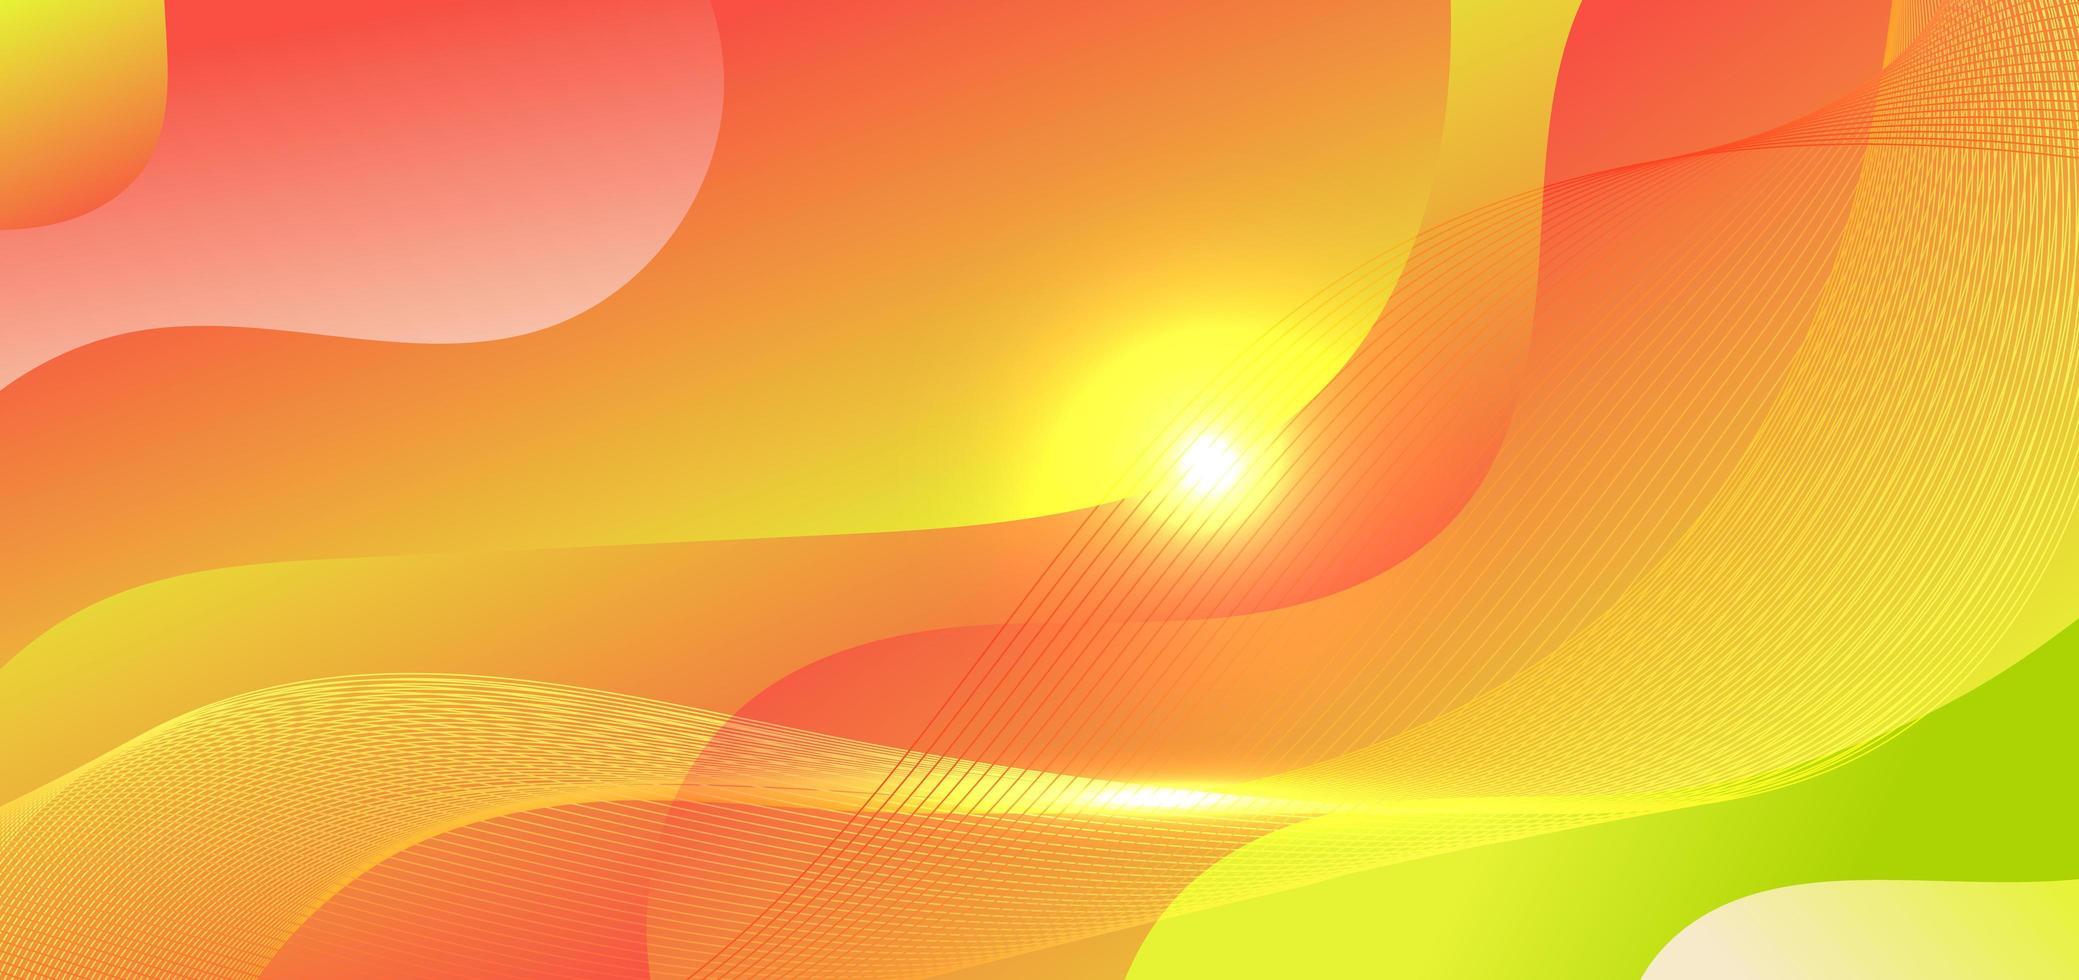 Fondo abstracto en forma de onda degradado verde y rojo con rayos de luz vector